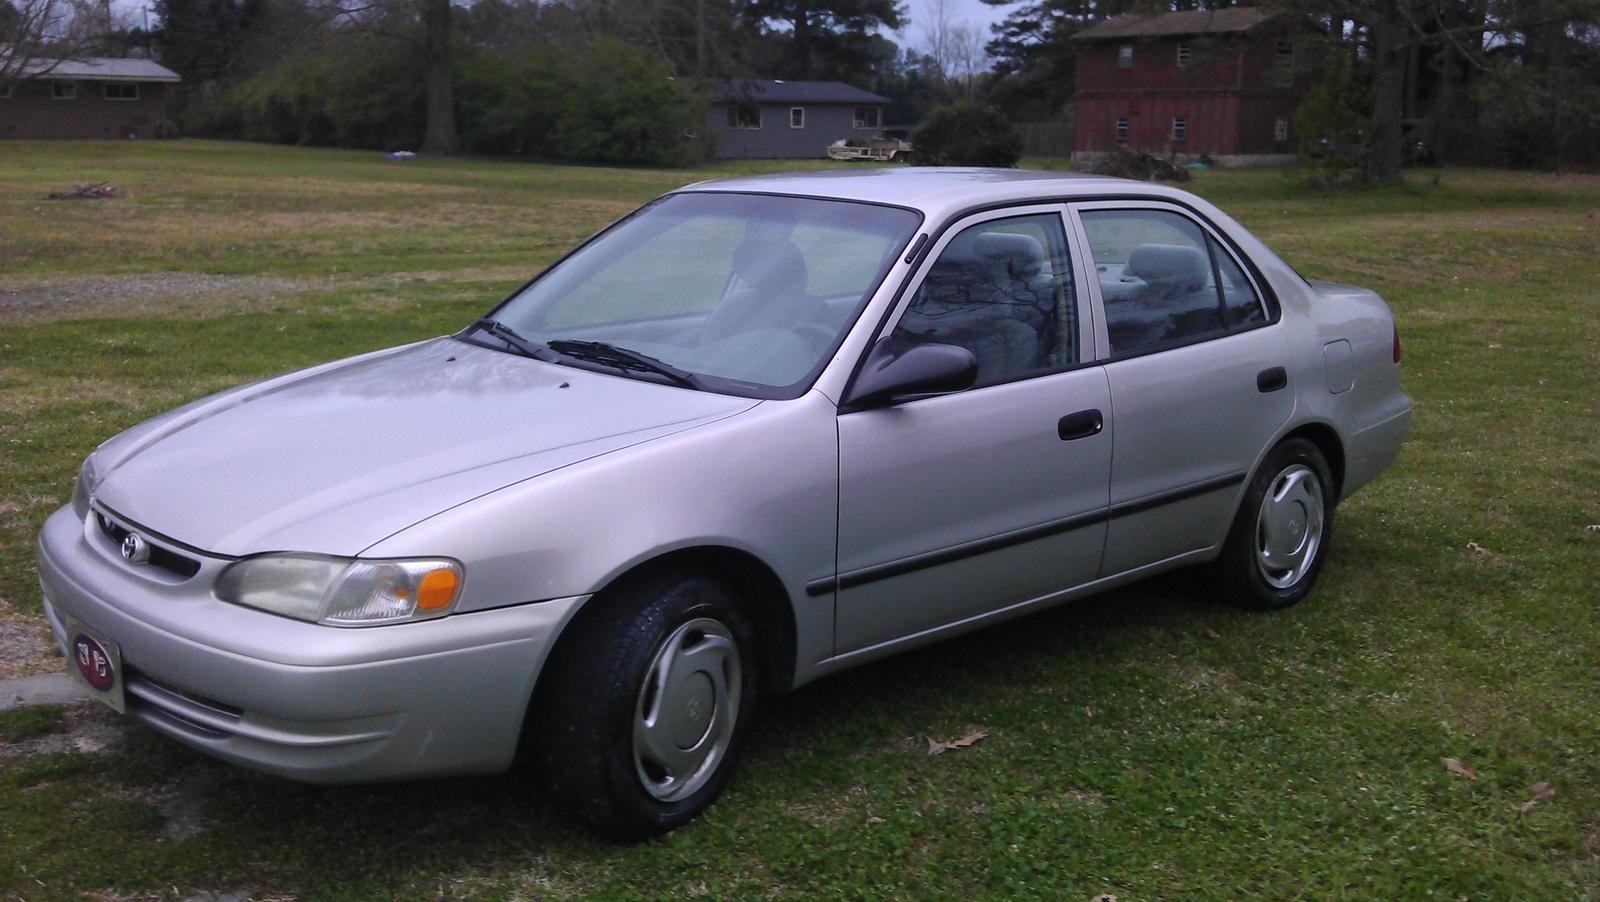 2000 Toyota Corolla Pictures Cargurus